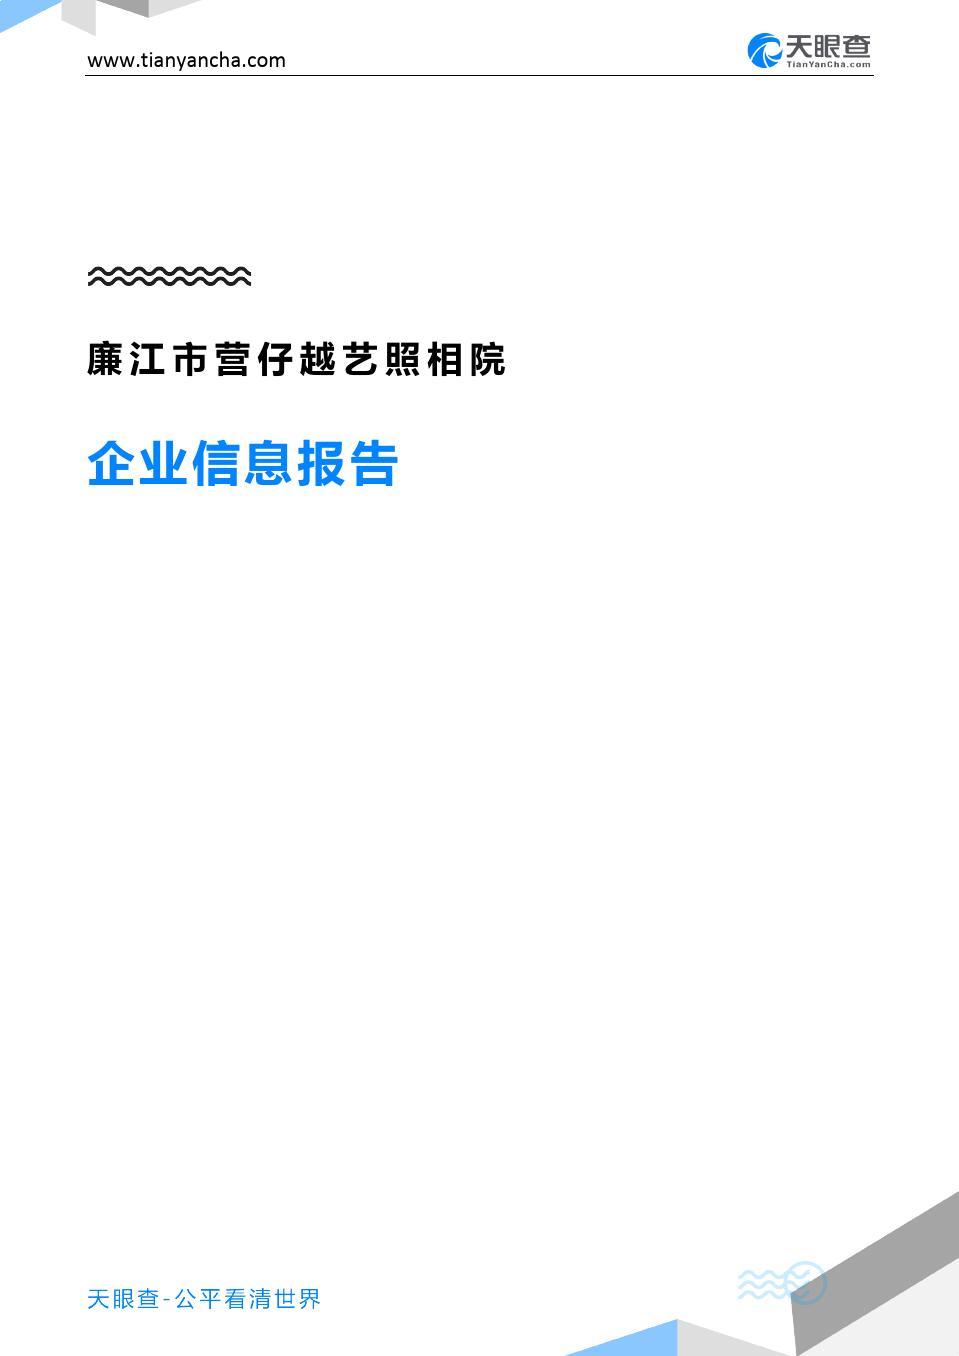 廉江市营仔越艺照相院企业信息报告-天眼查